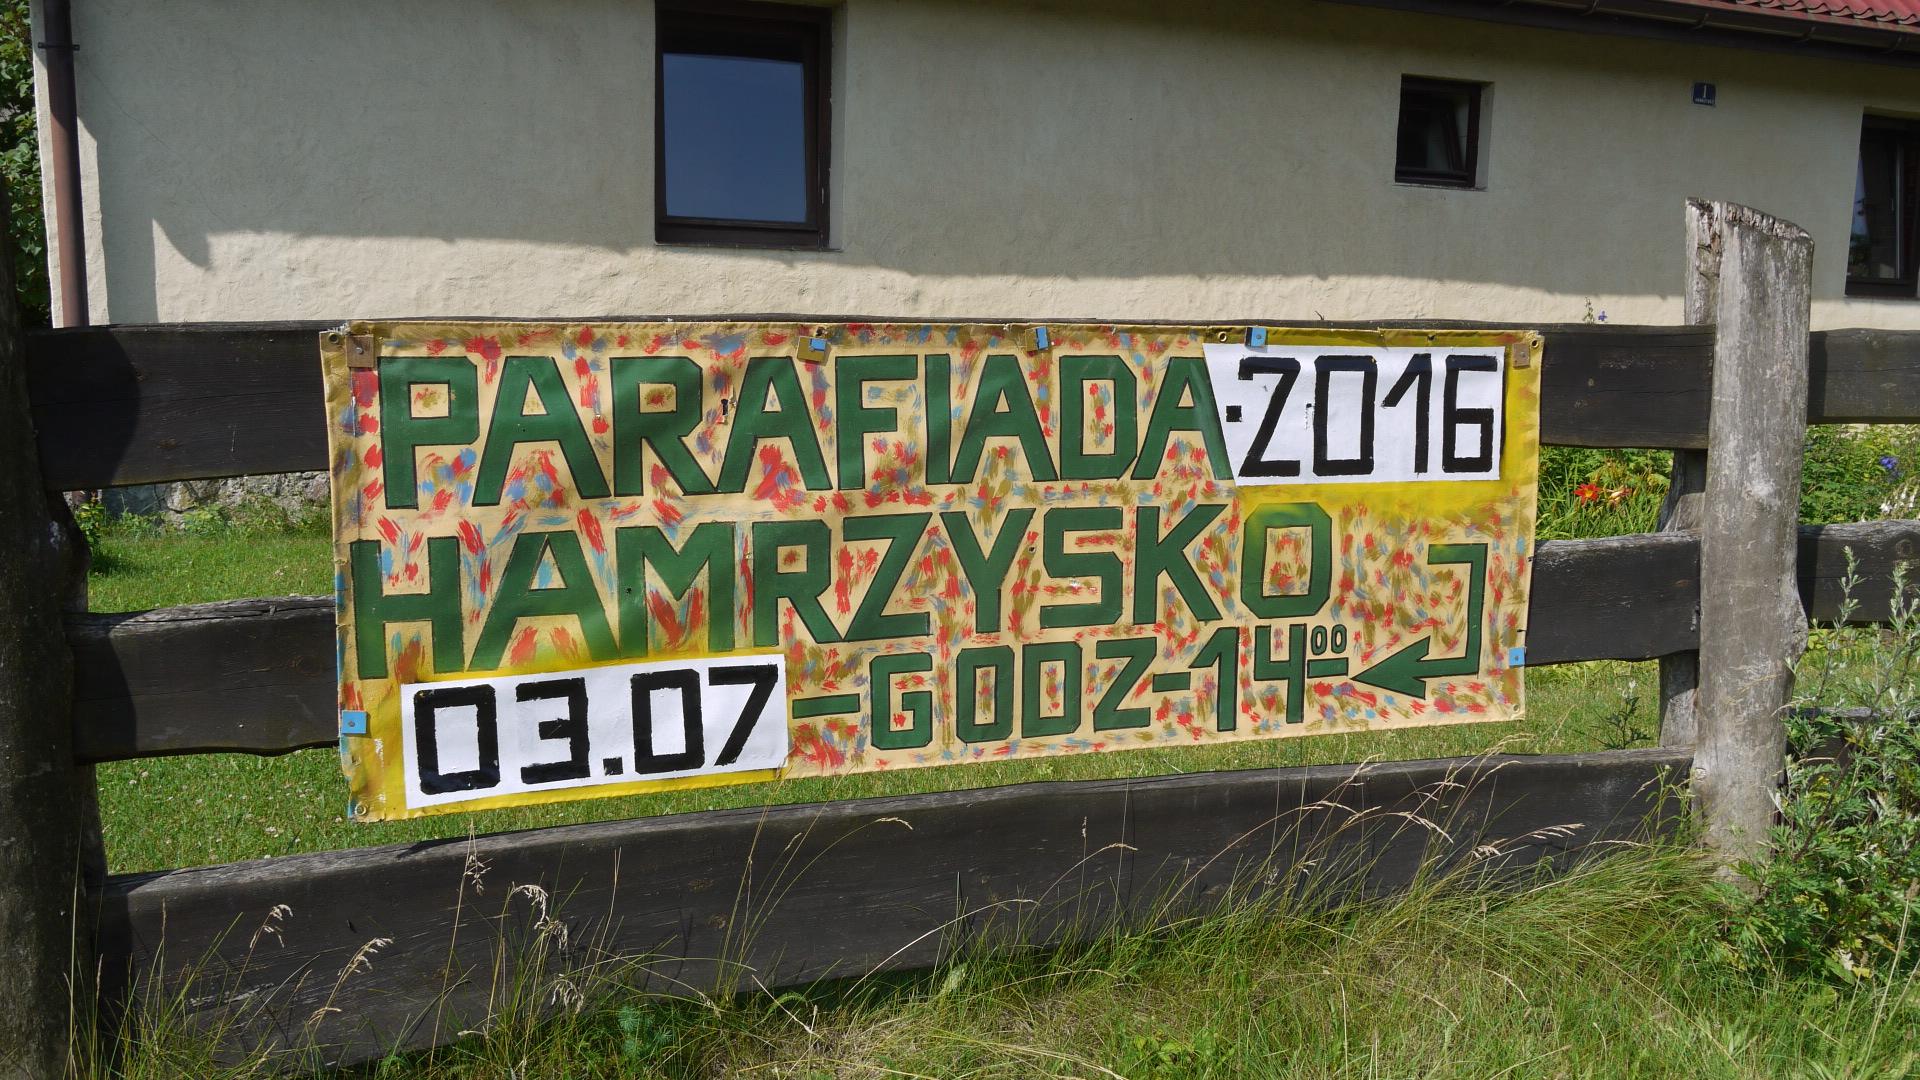 X edycja Parafiady 2016